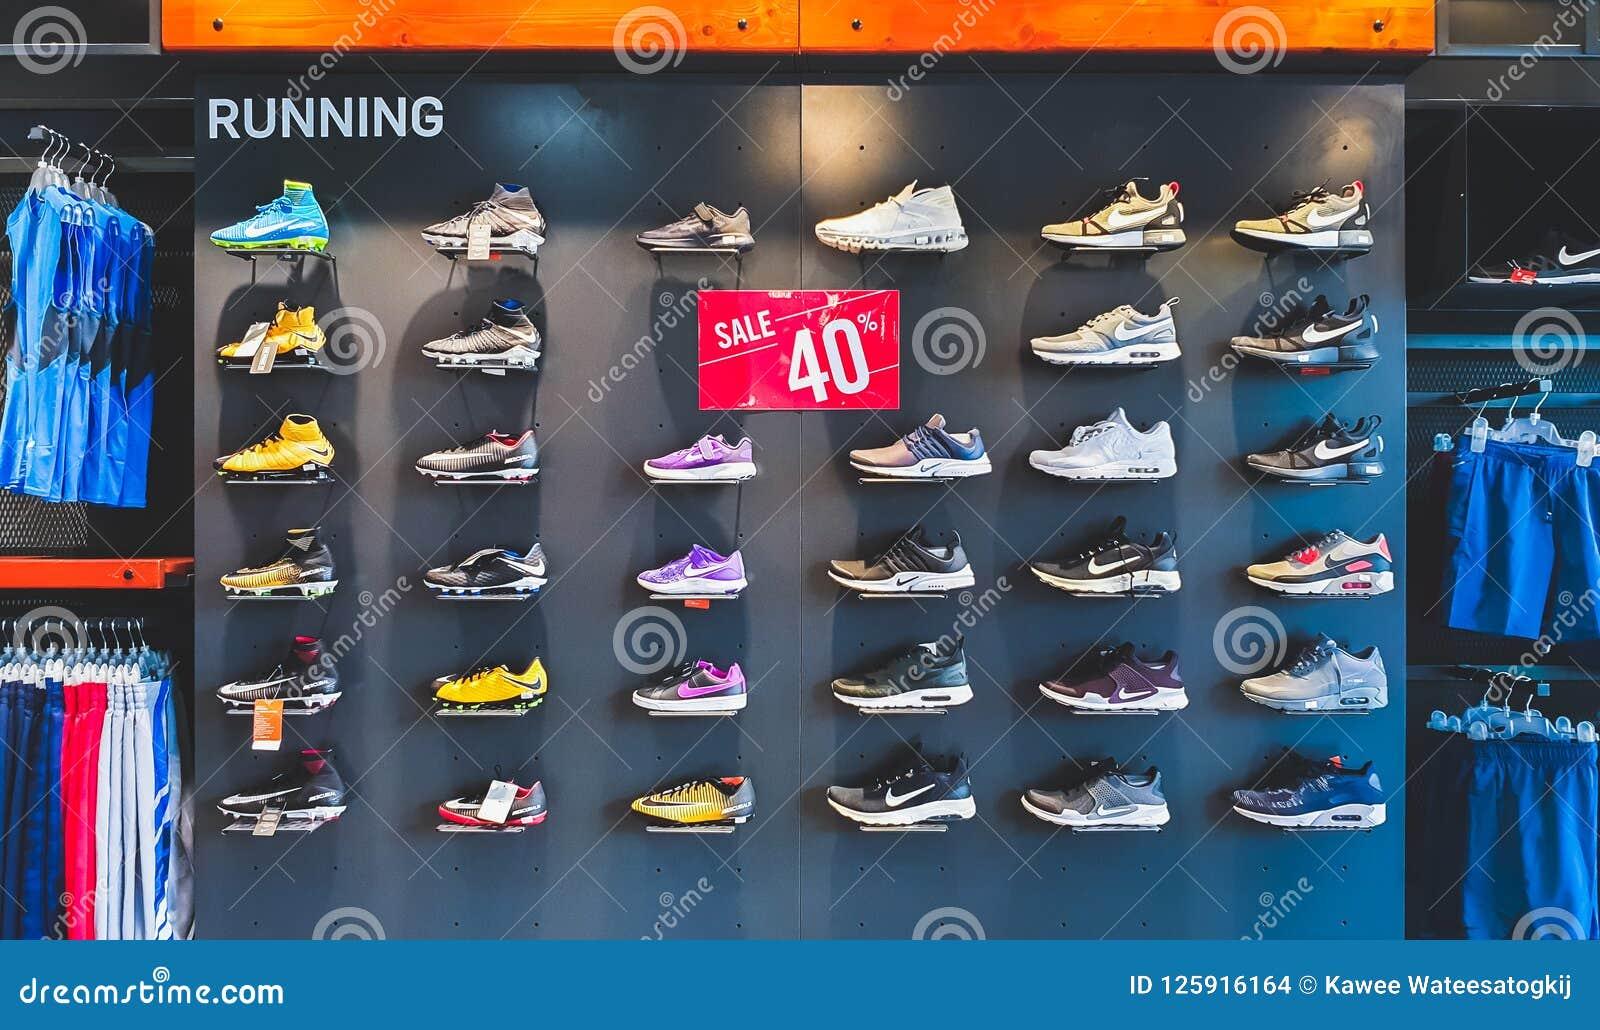 sitio de buena reputación encontrar mano de obra selección premium Bangkok, Thailand - Sep 11, 2018: Nike Running Shoes And Sport ...